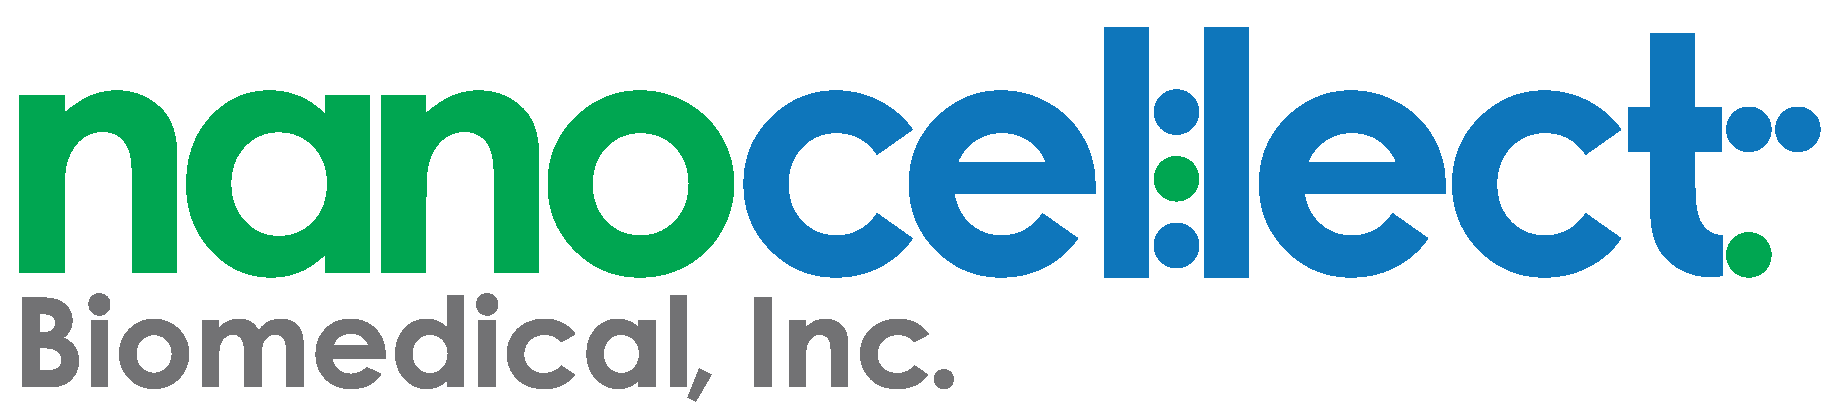 nanocellect_logo_biomed_2 copyv2